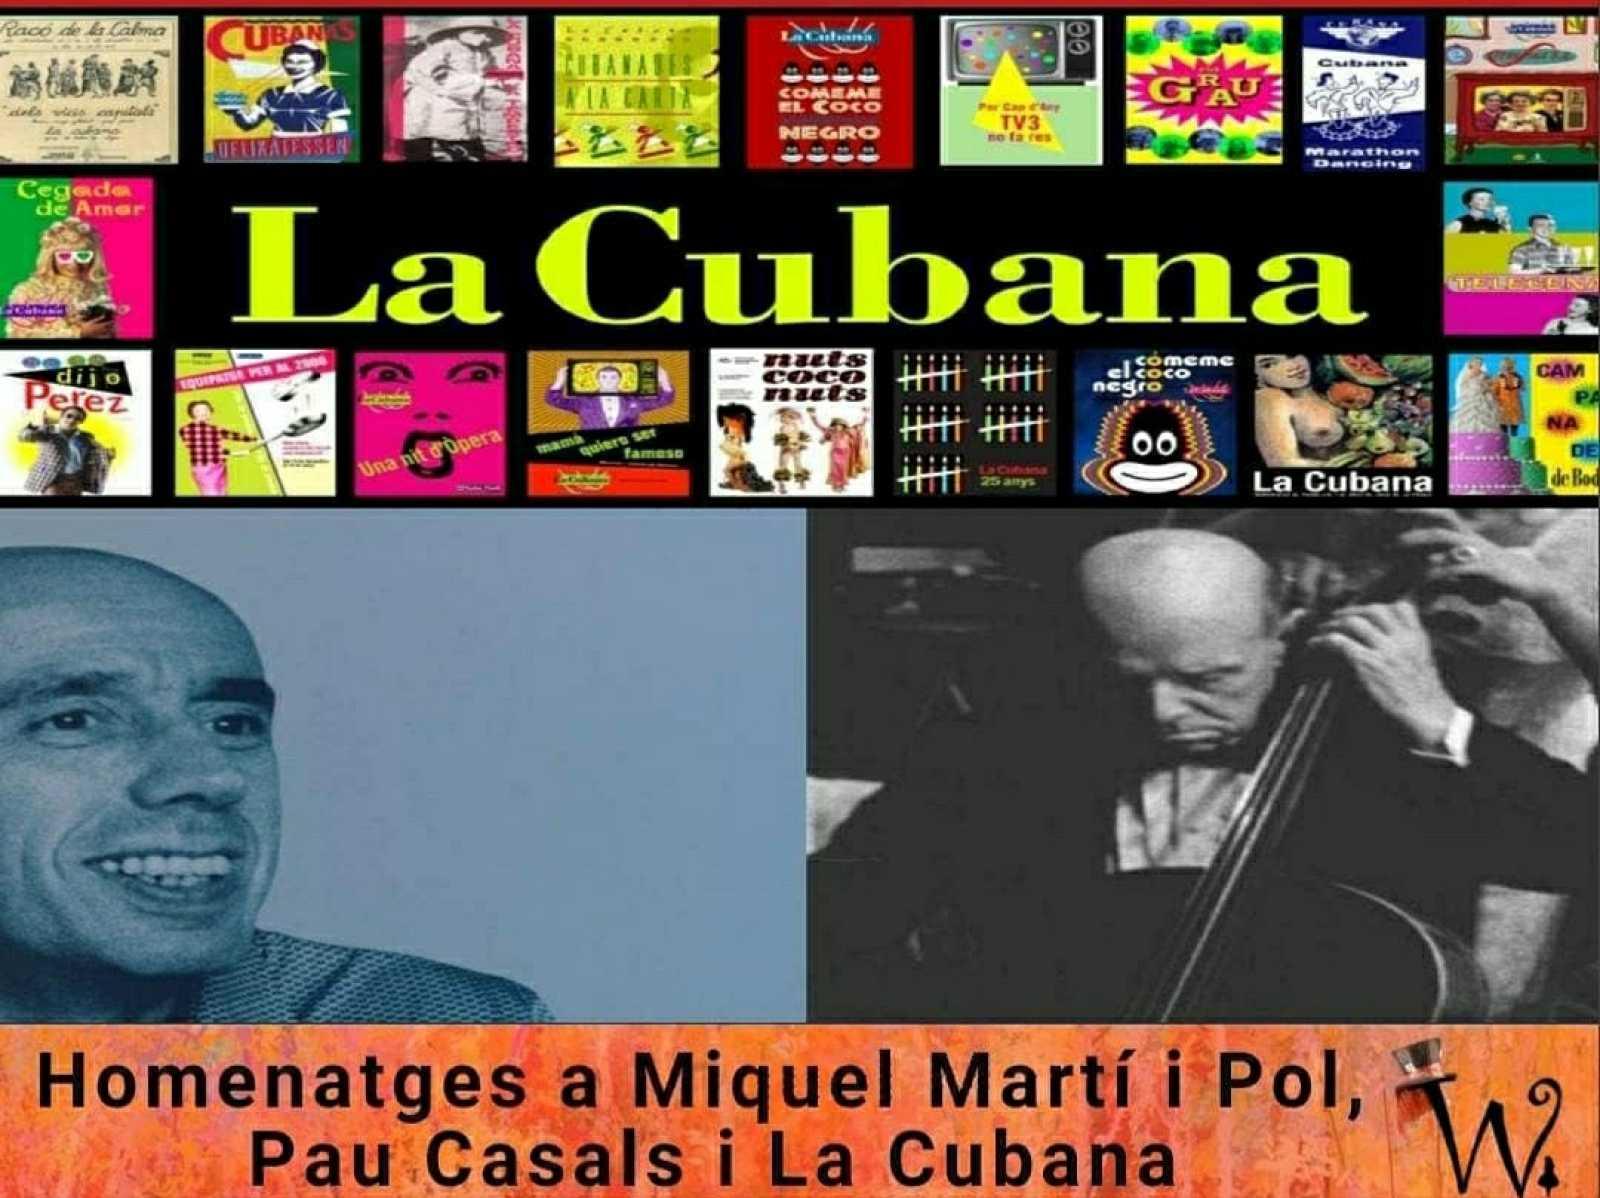 Wonderland -  Miquel Martí i Pol, Pau Casals i La Cubana